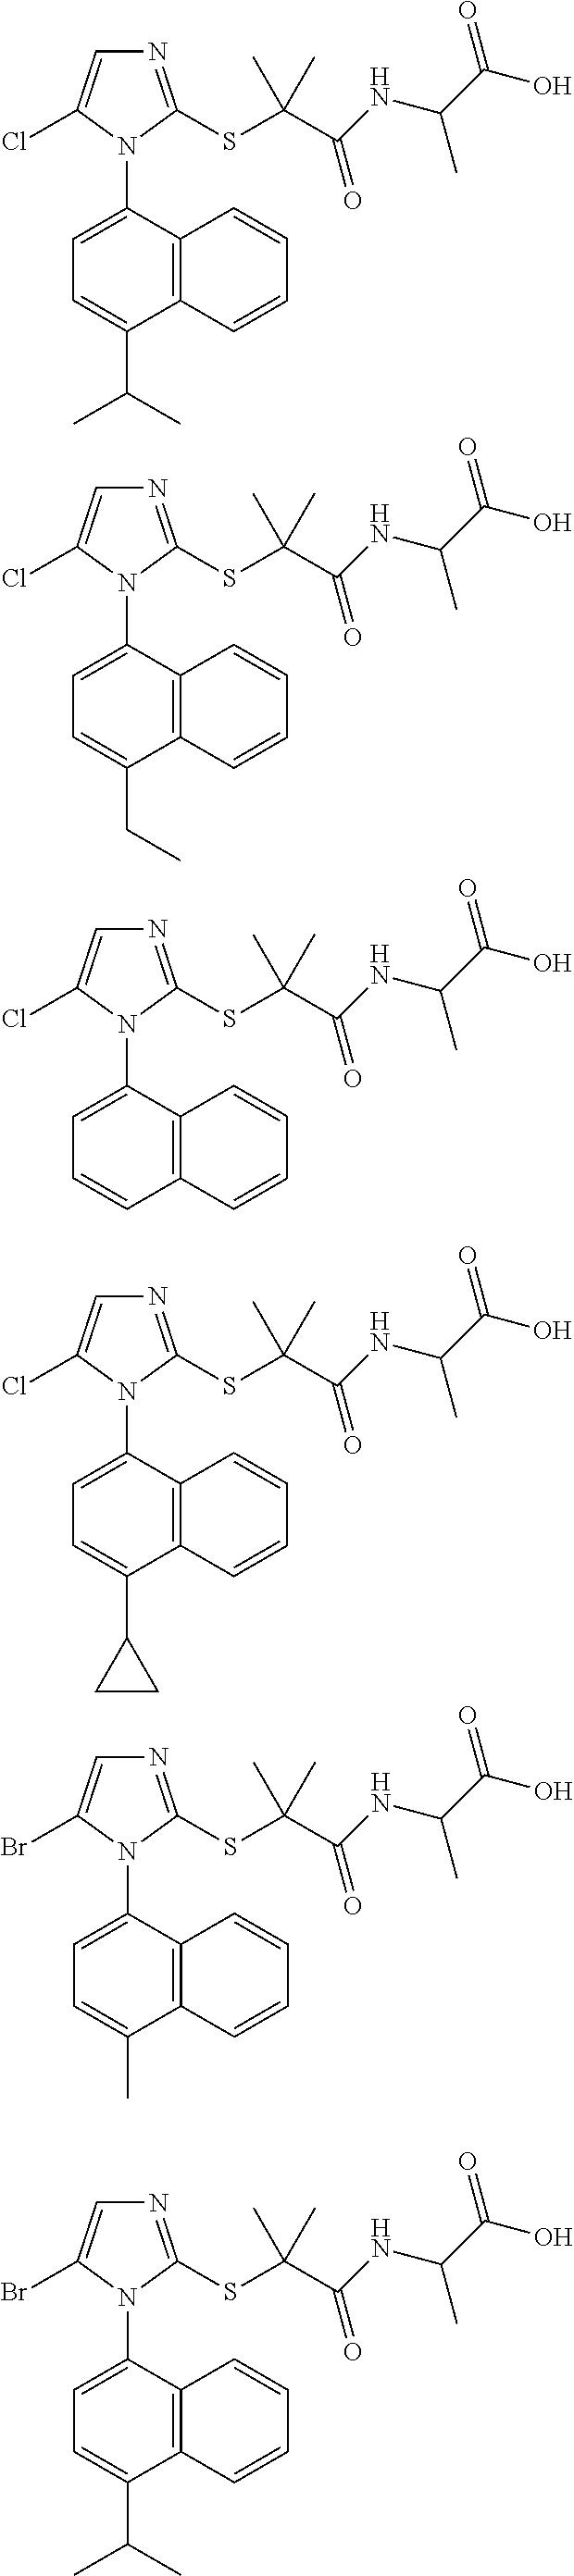 Figure US08283369-20121009-C00055